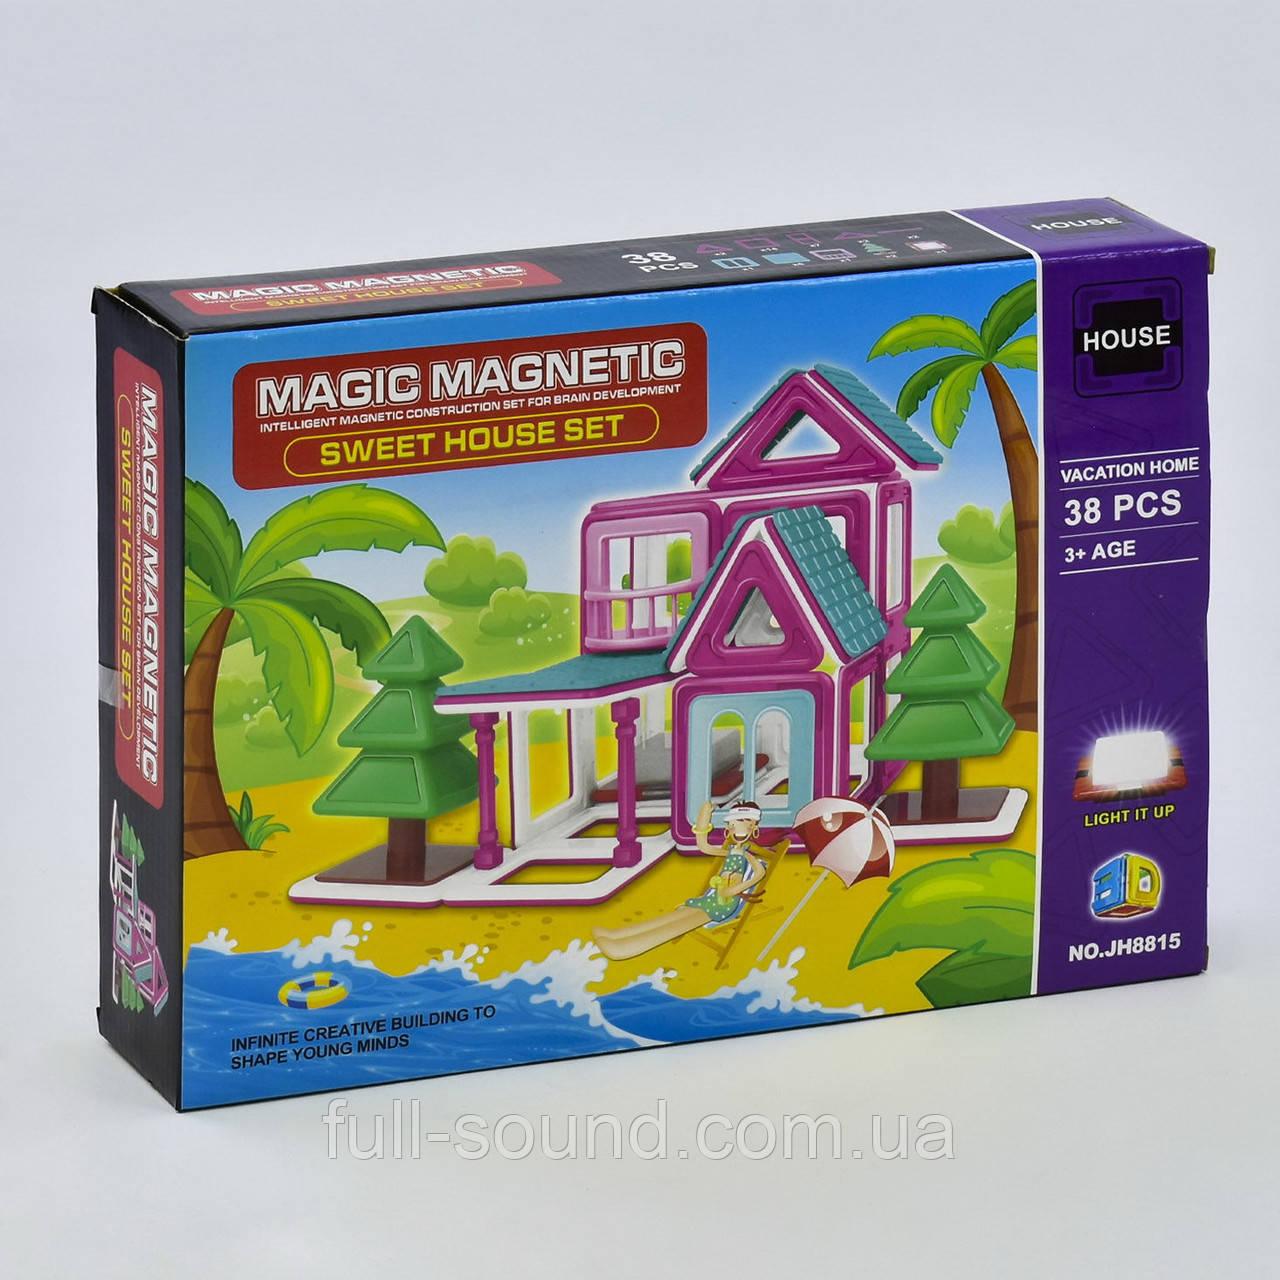 Магнитный конструктор пляжный домик 38 деталей